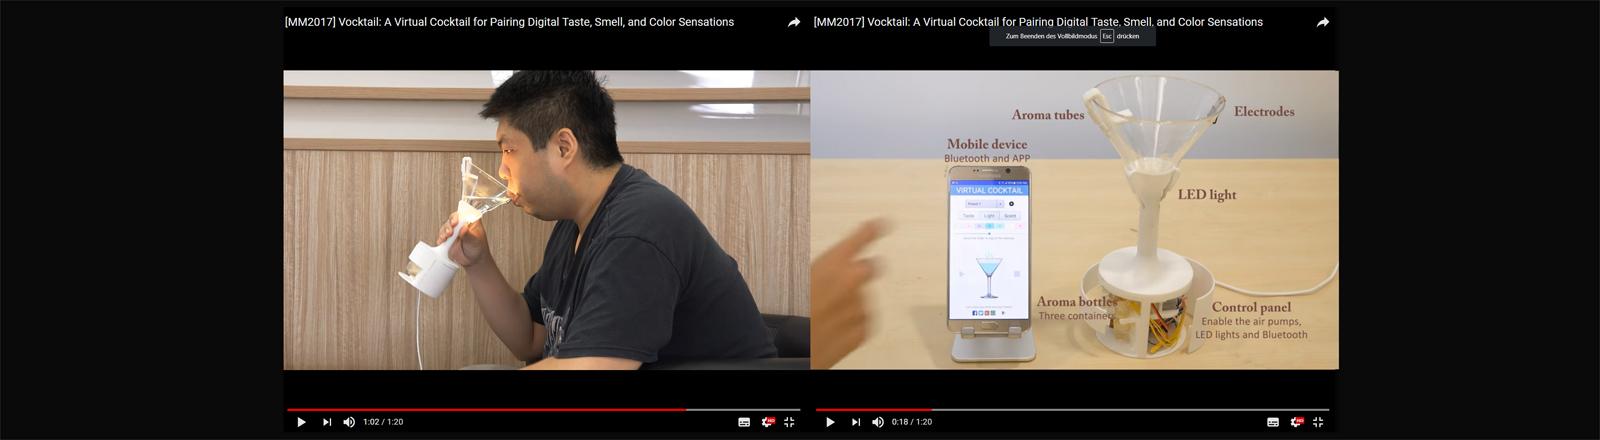 Standbilder aus dem Vocktail-Video des Entwicklers Nimesha Ranasinghe